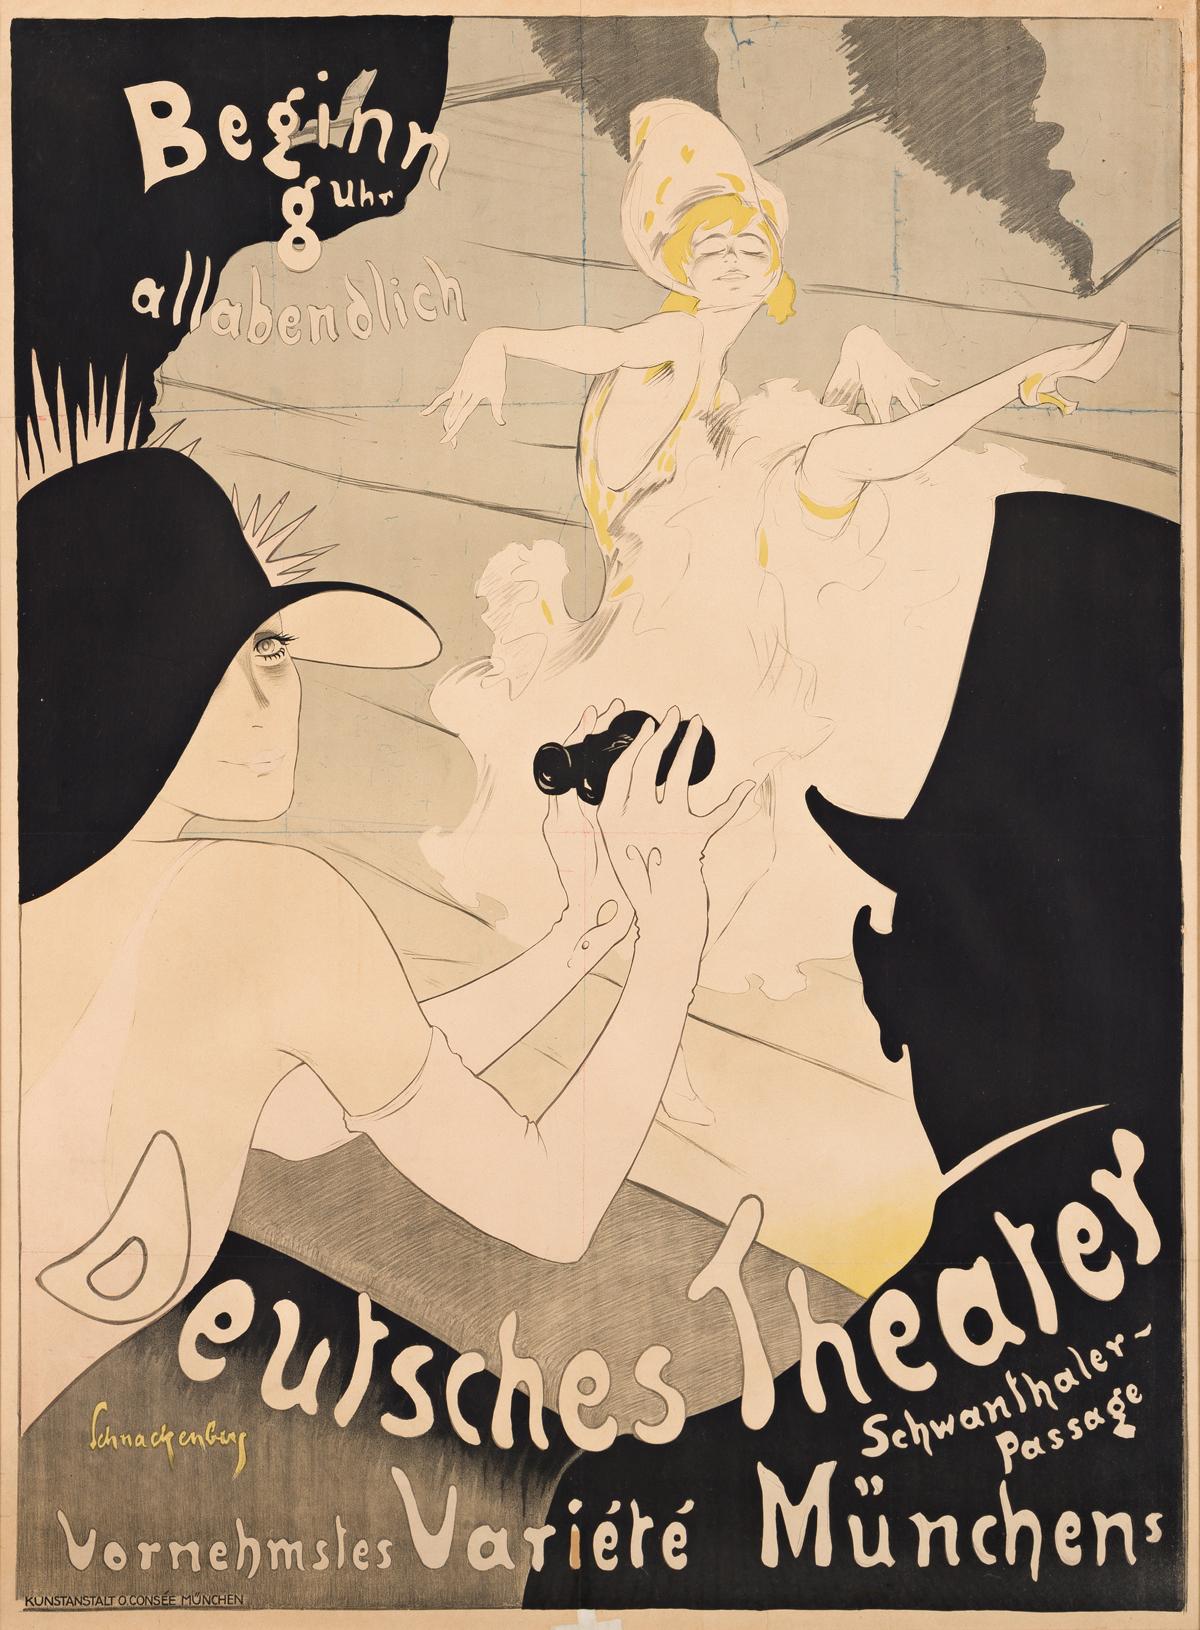 WALTER SCHNACKENBERG (1880-1961).  DEUTSCHES THEATER. 1910. 47¾x35 inches, 121½x89 cm. O. Consée, Munich.